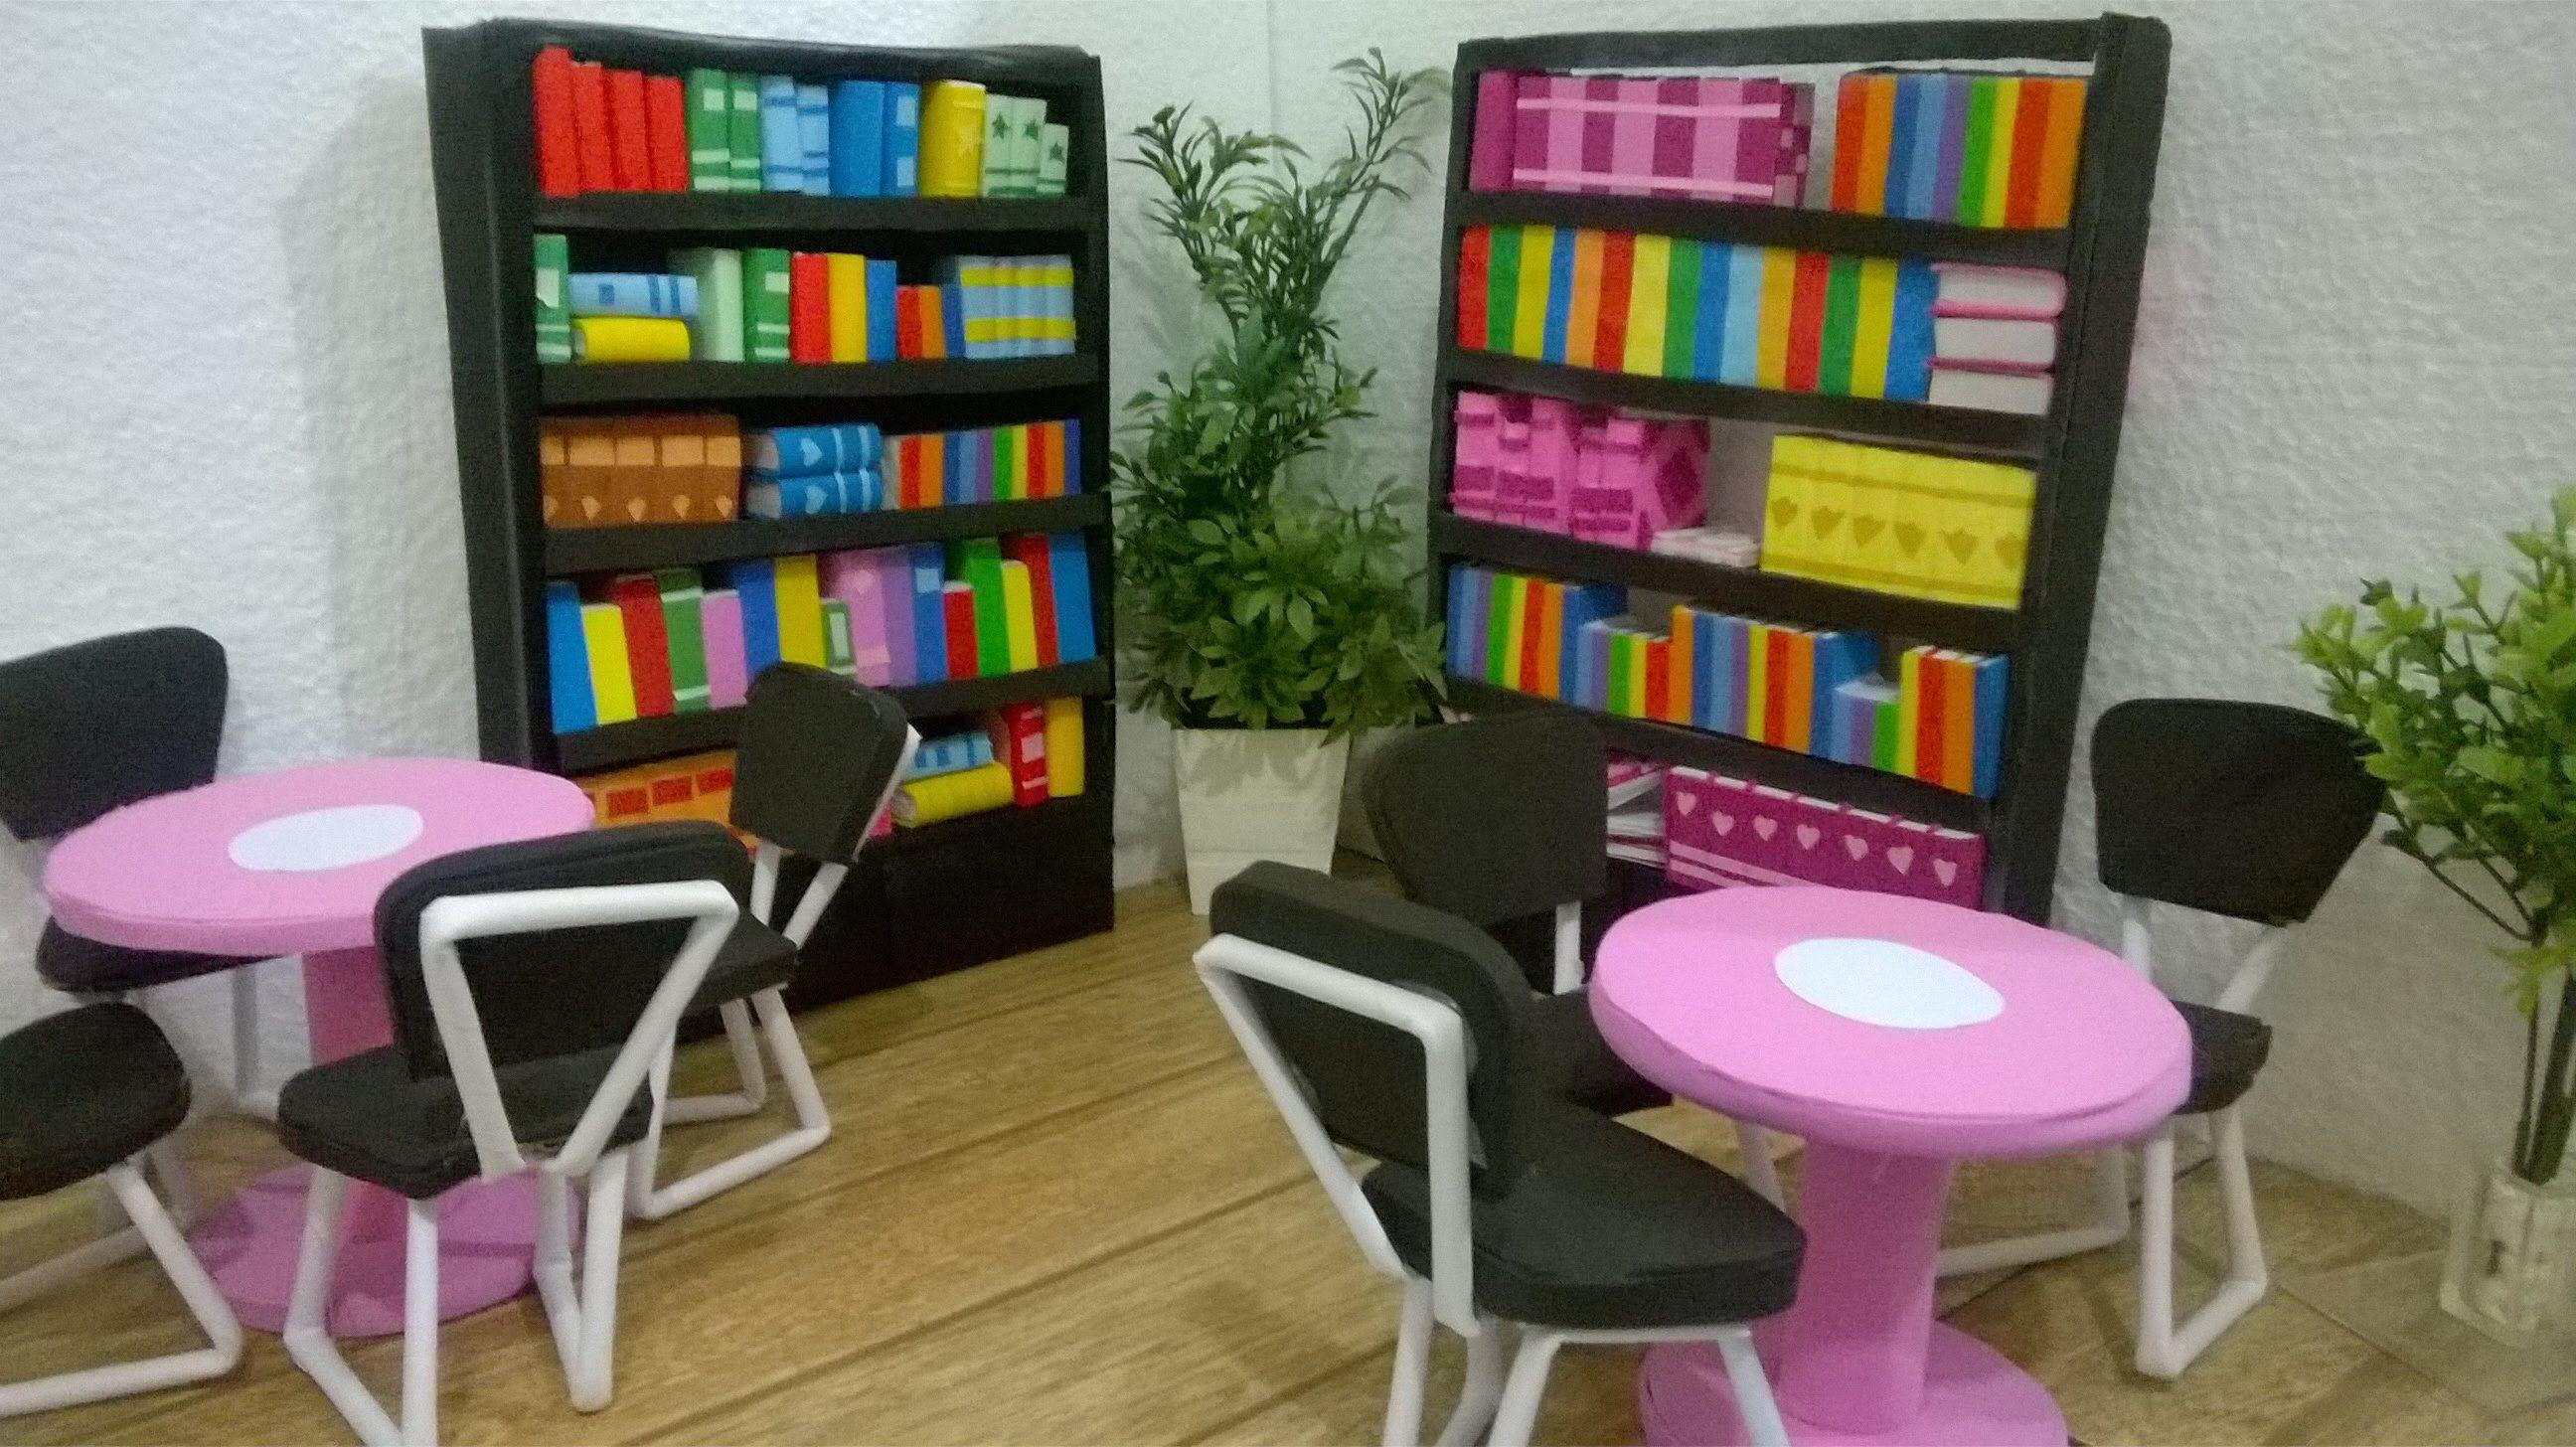 Projeto: Construindo uma Escola para Barbie Edição: Biblioteca Vamos construir uma linda Escola para Barbie, onde você poderá brincar de estudar com suas bon...